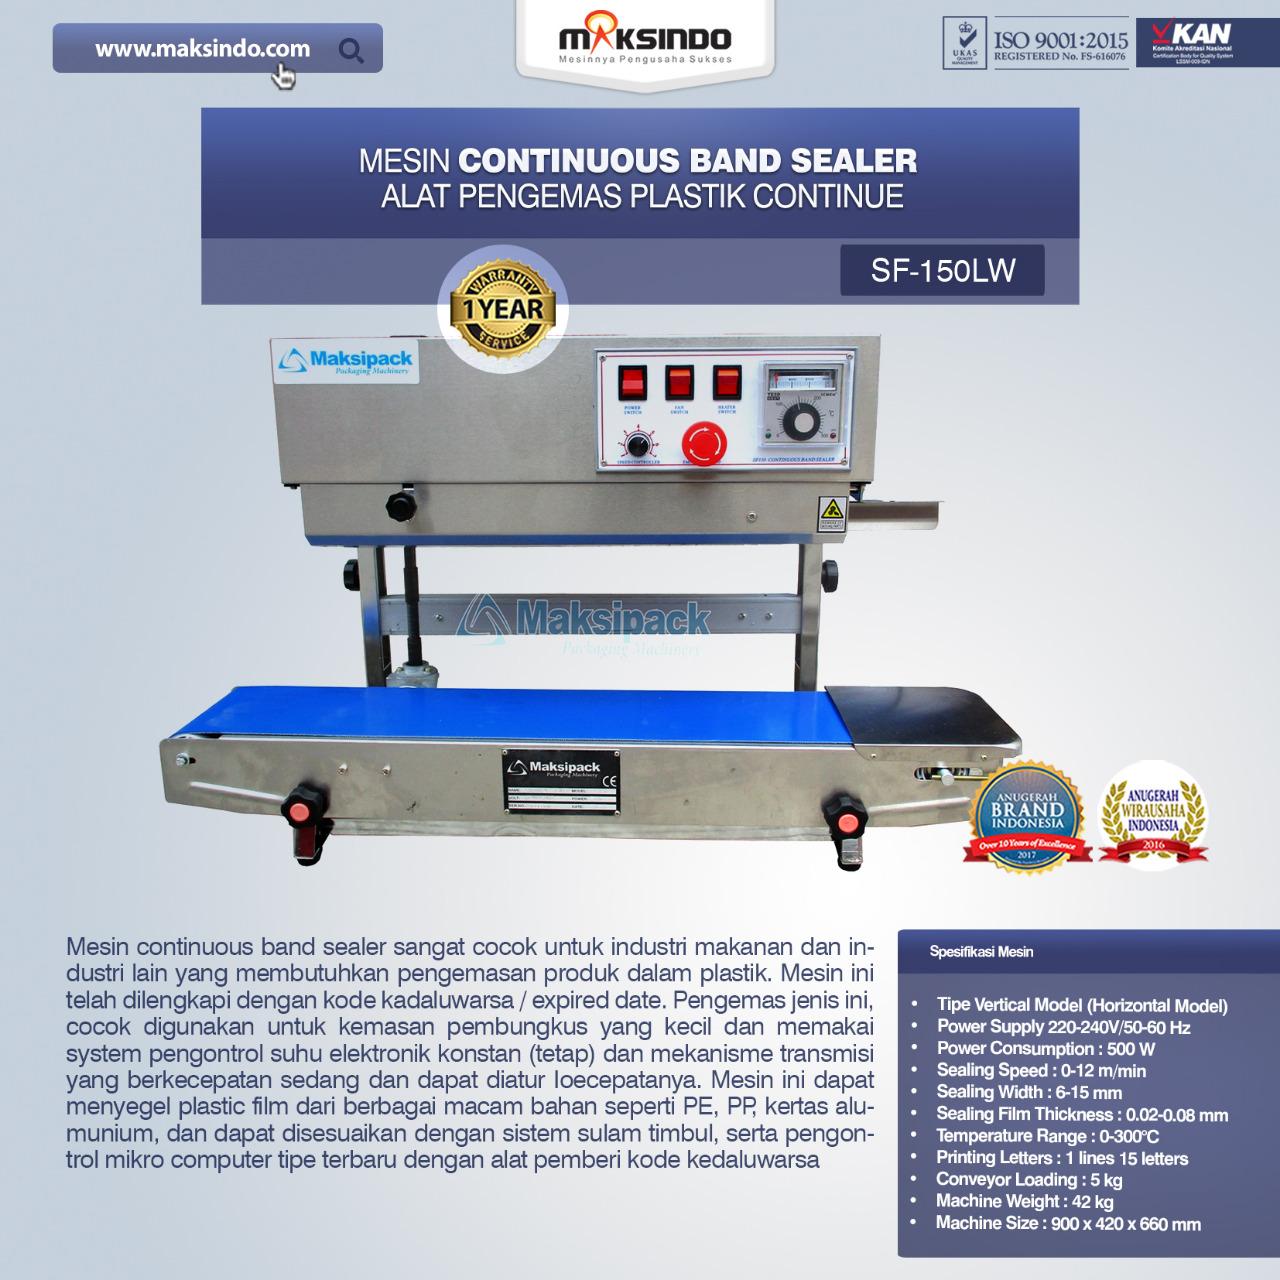 Jual Mesin Continuous Band Sealer SF-150LW di Bogor